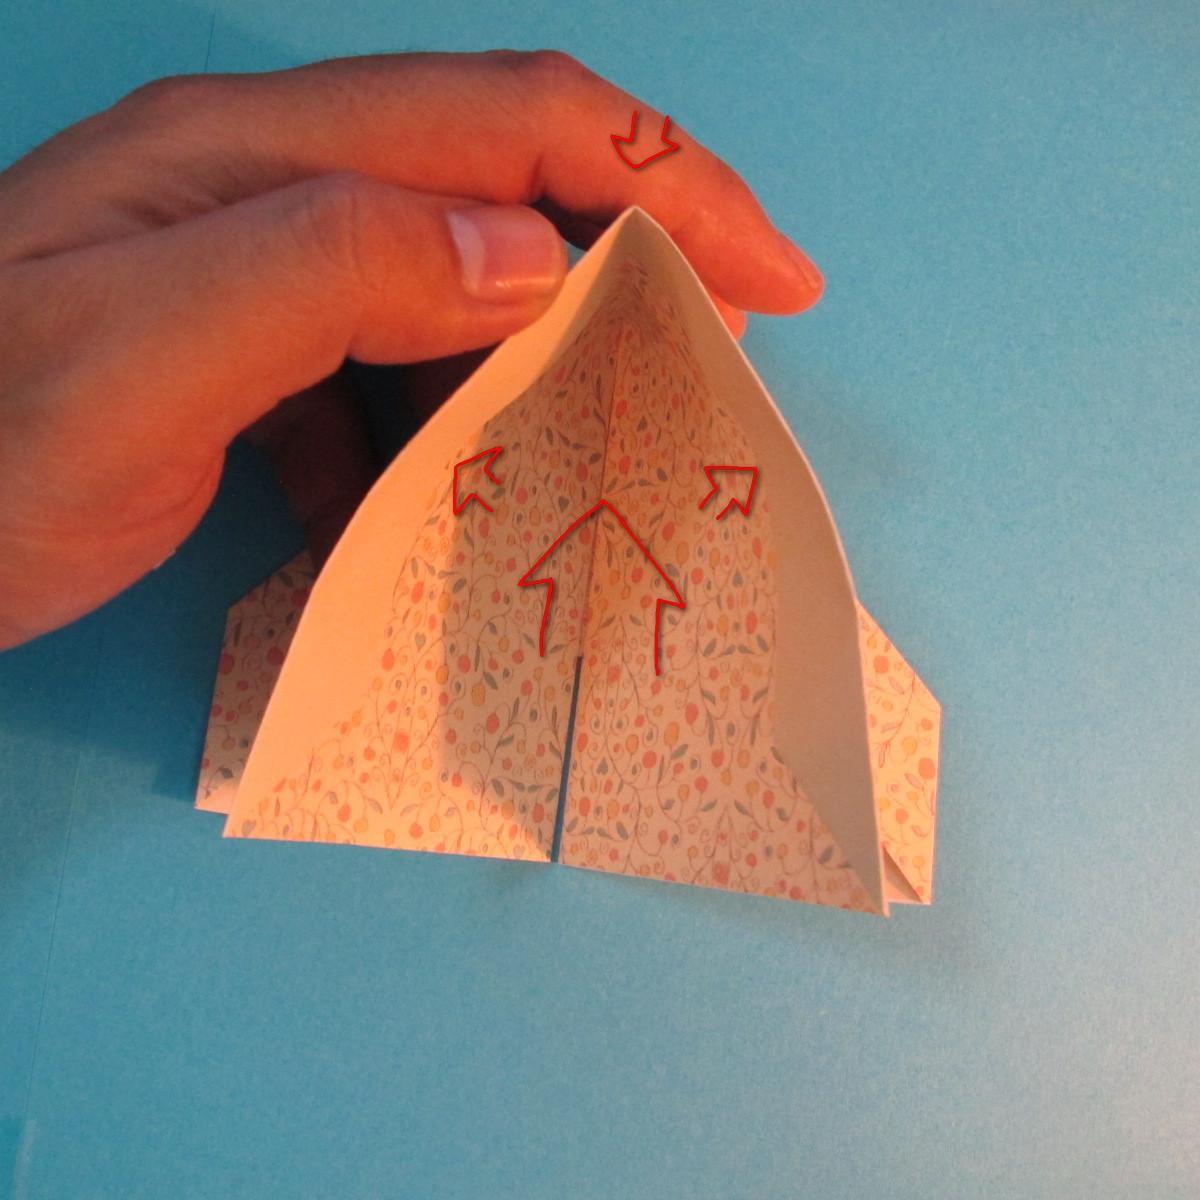 วิธีพับกระดาษเป็นผีเสื้อหางแฉก 022